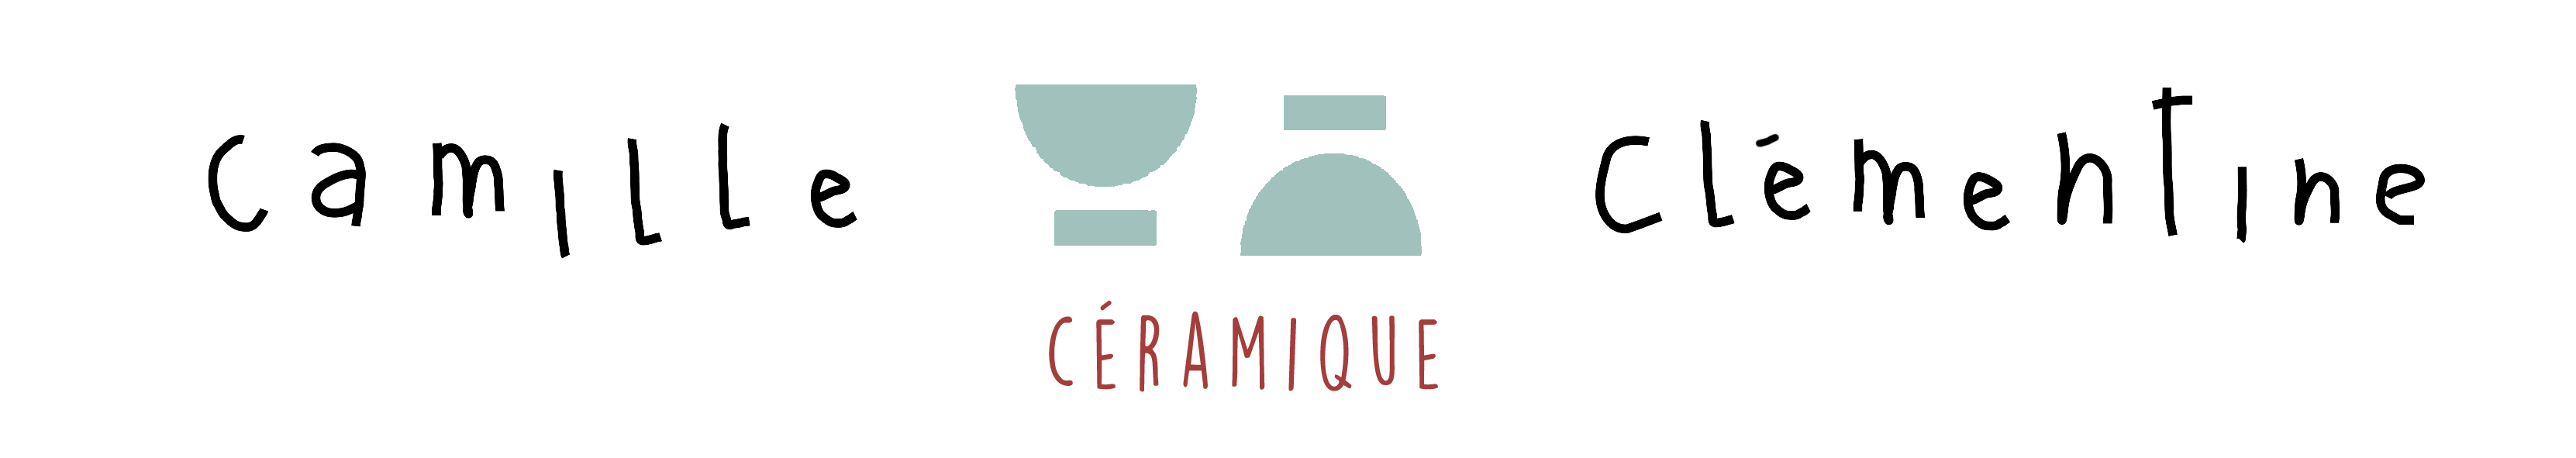 Camille & Clémentine - Céramique